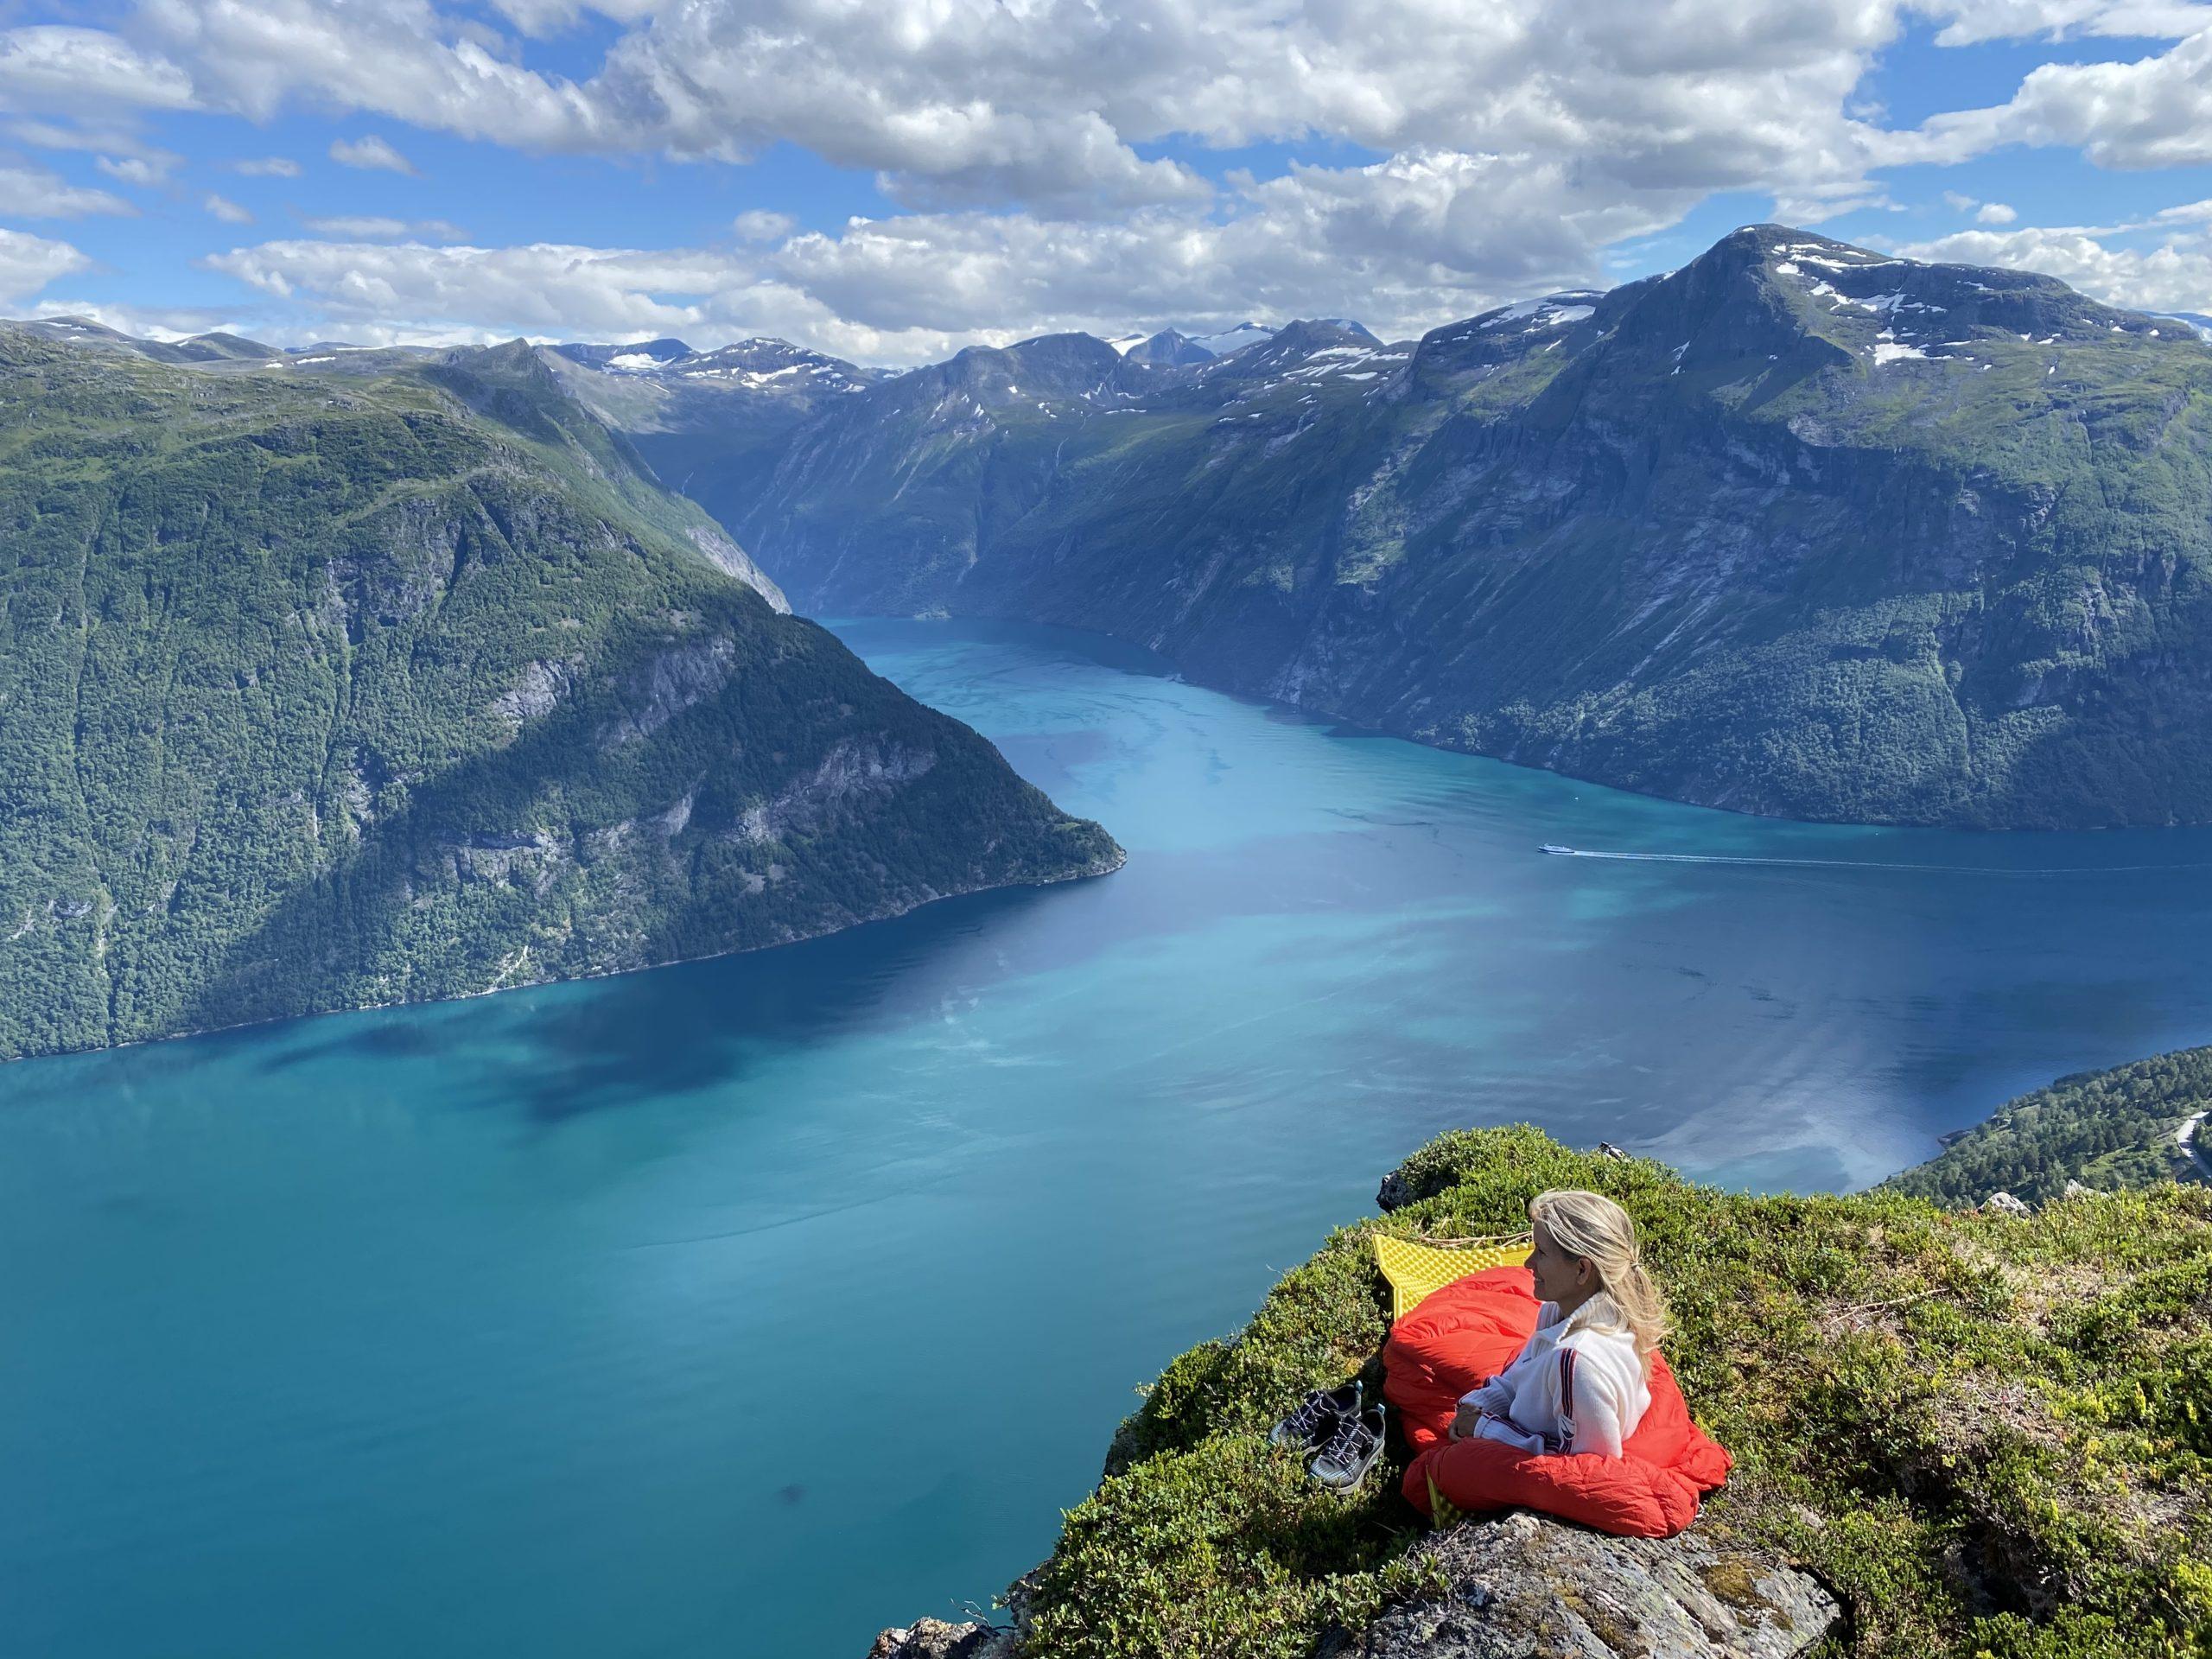 Blant fjord og fjell finner du vakreste Hellesylt